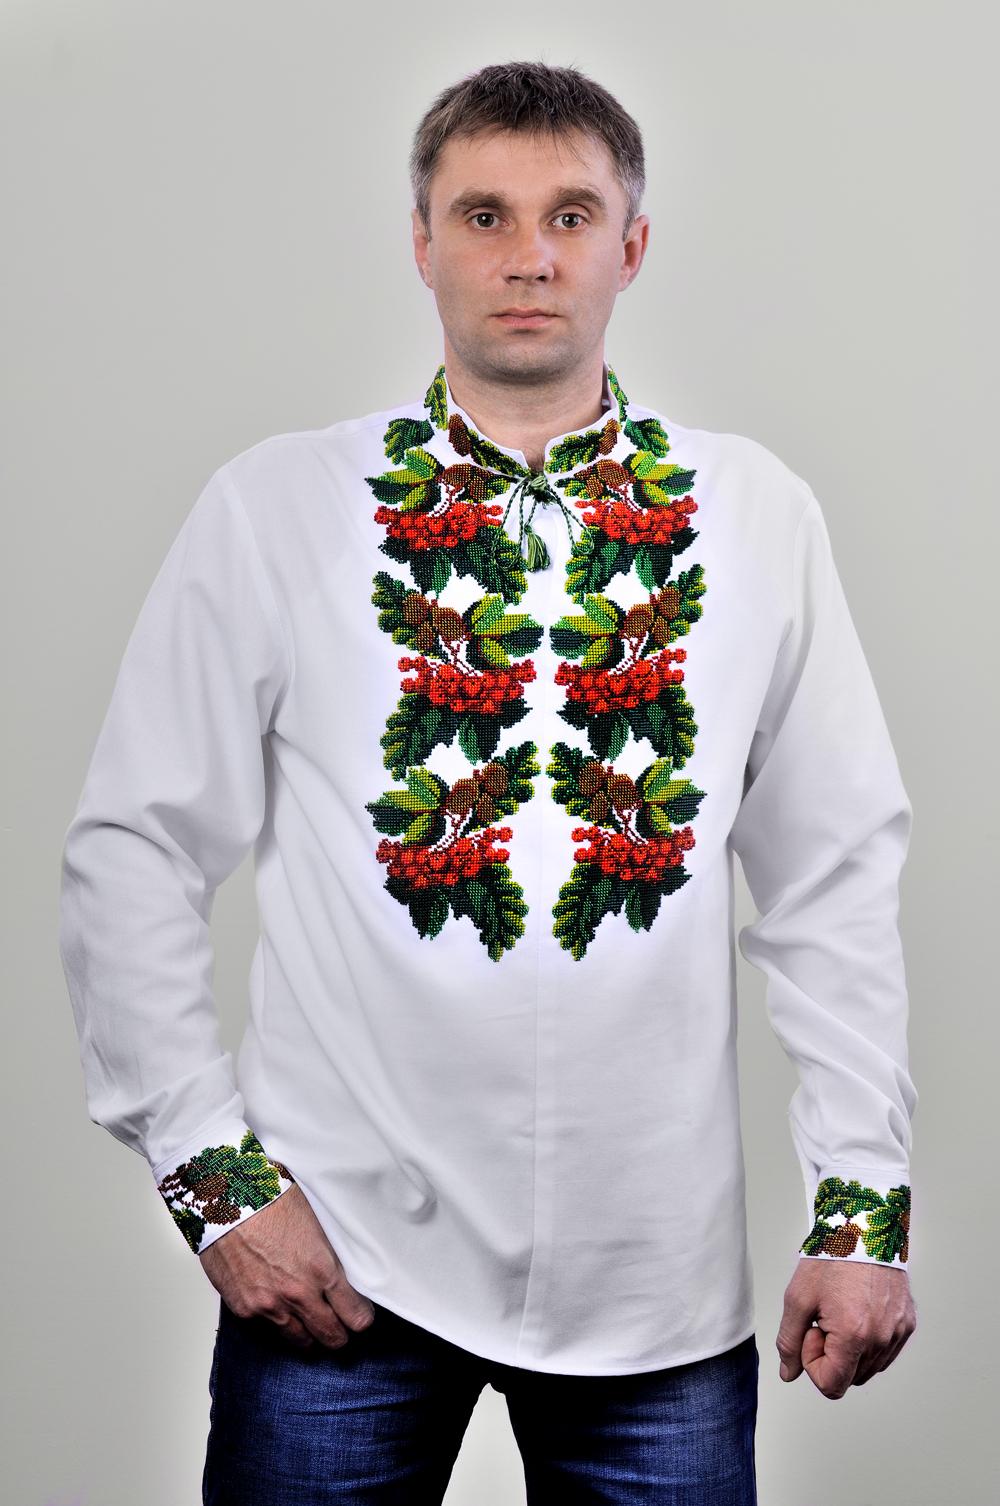 Чоловічі вишиванки бісером купити в Києві 441d3433a40ce